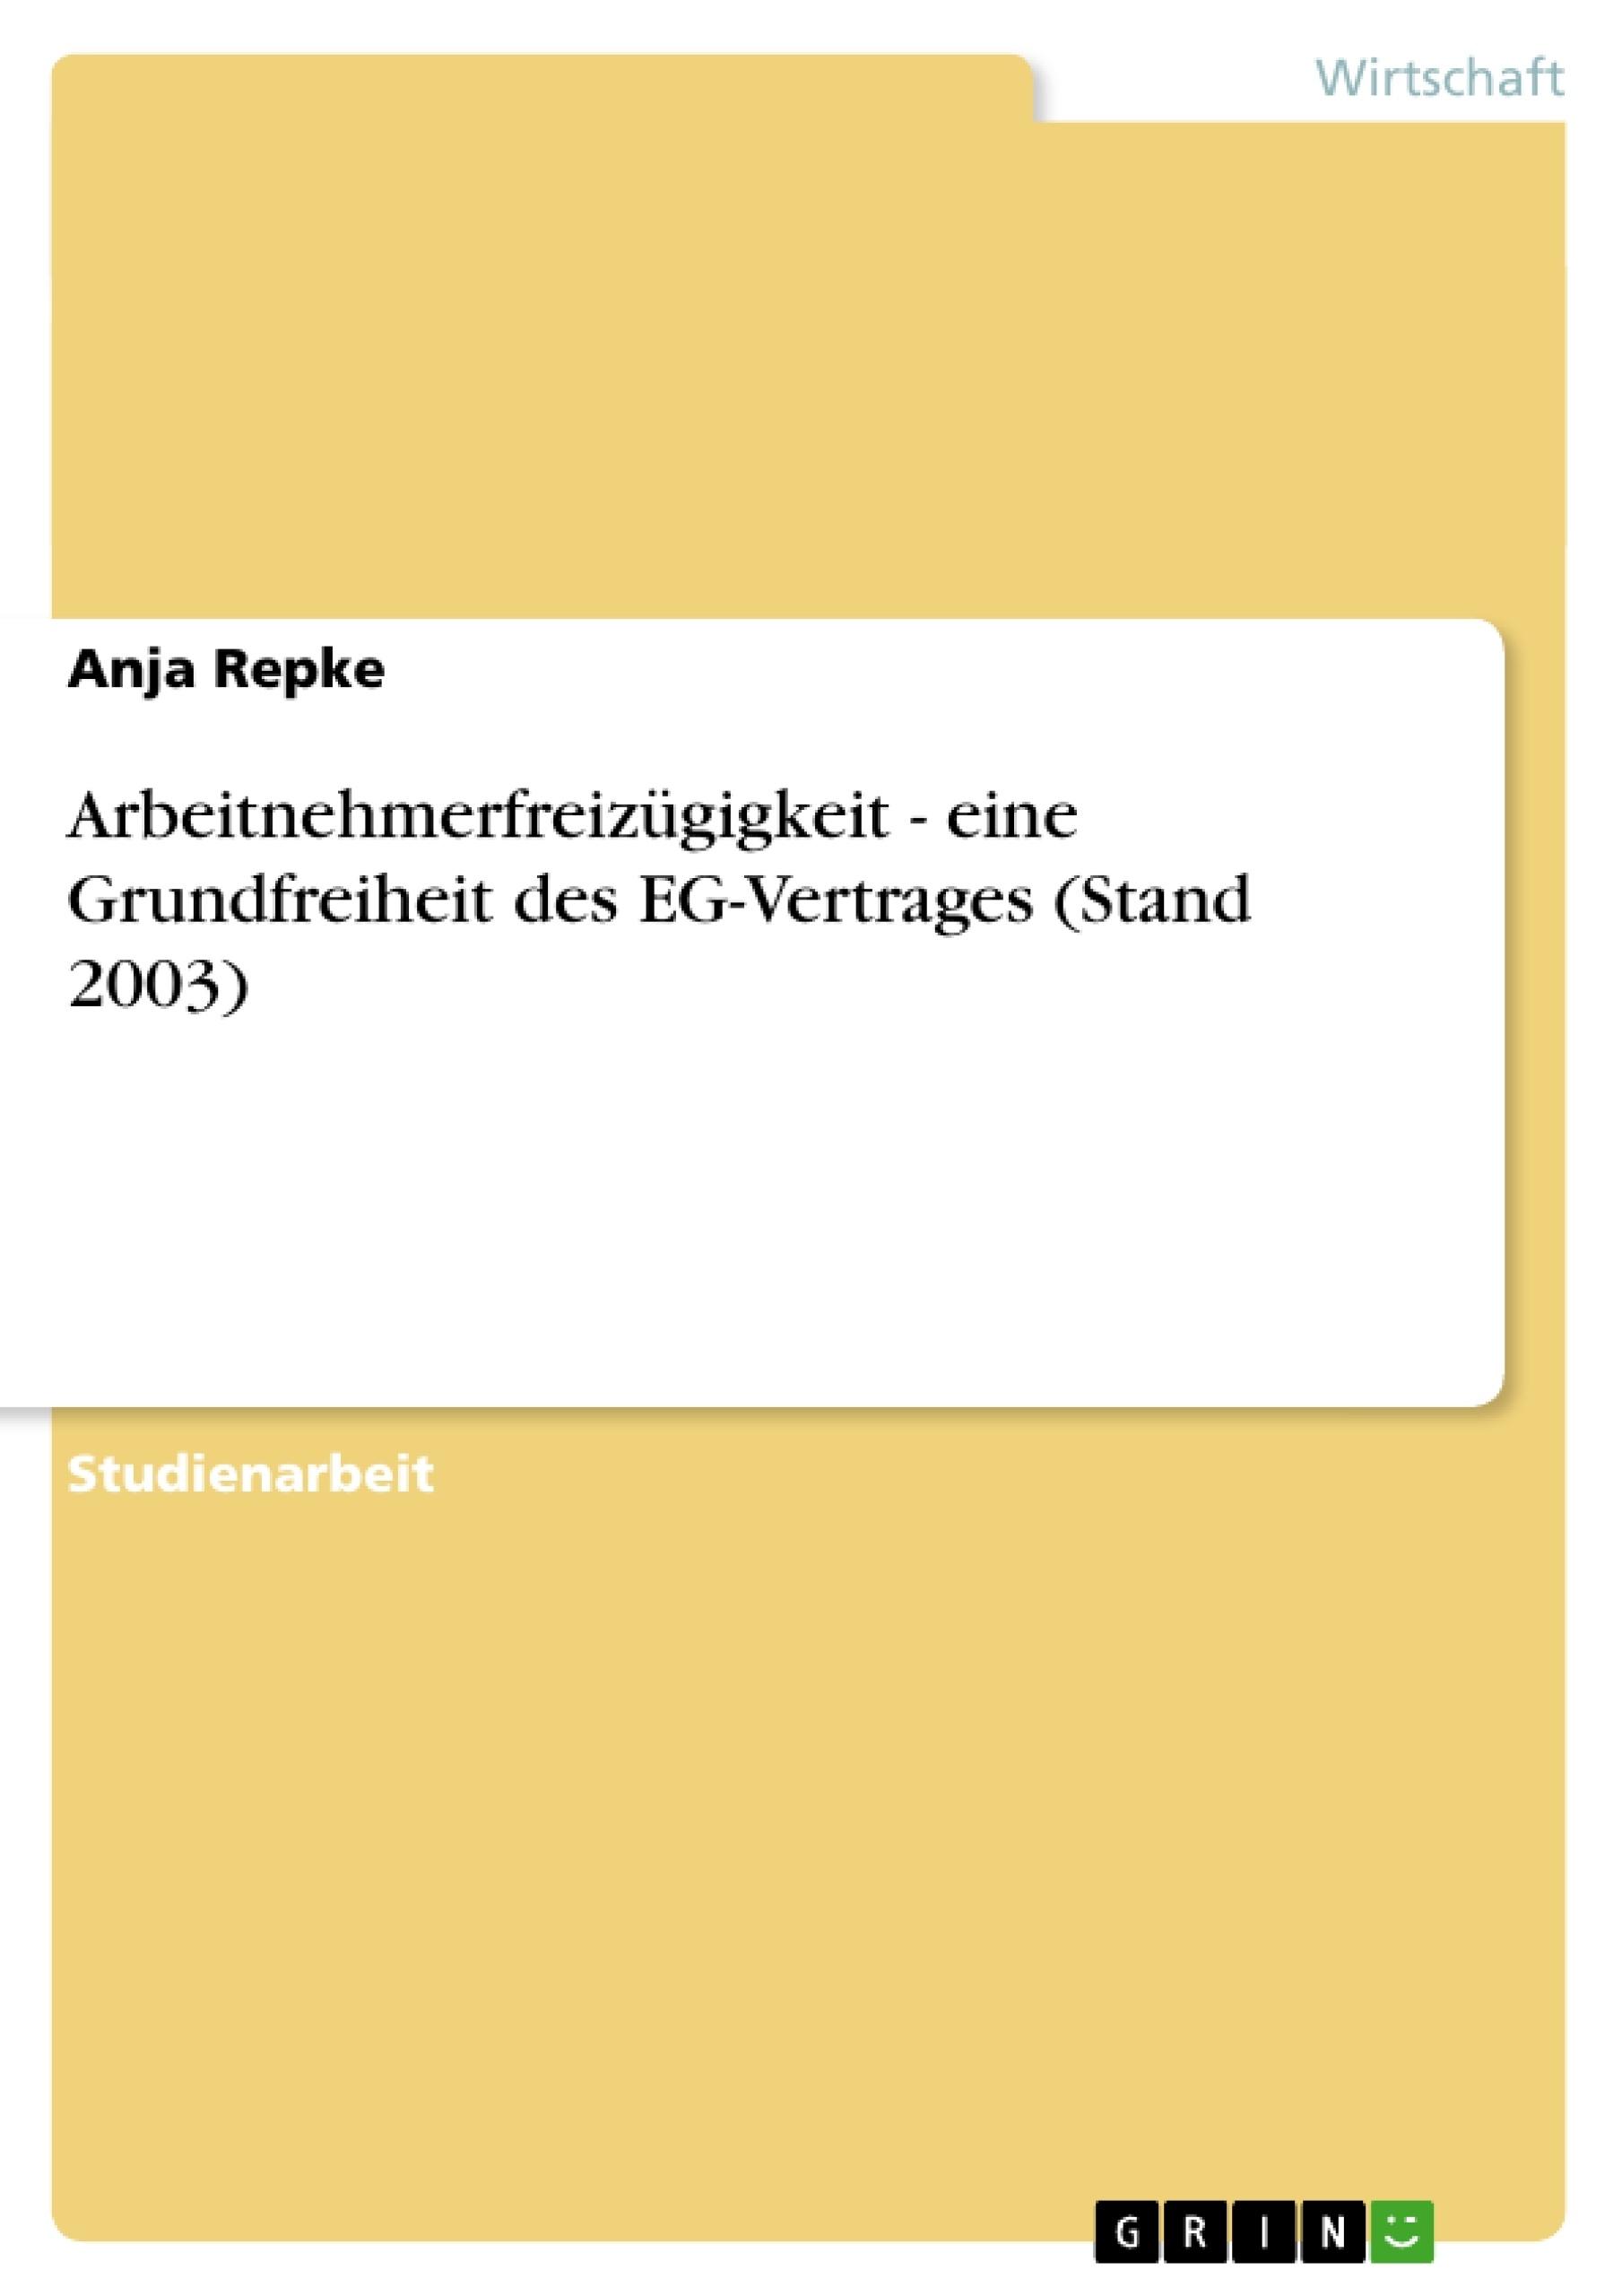 Titel: Arbeitnehmerfreizügigkeit - eine Grundfreiheit des EG-Vertrages (Stand 2003)